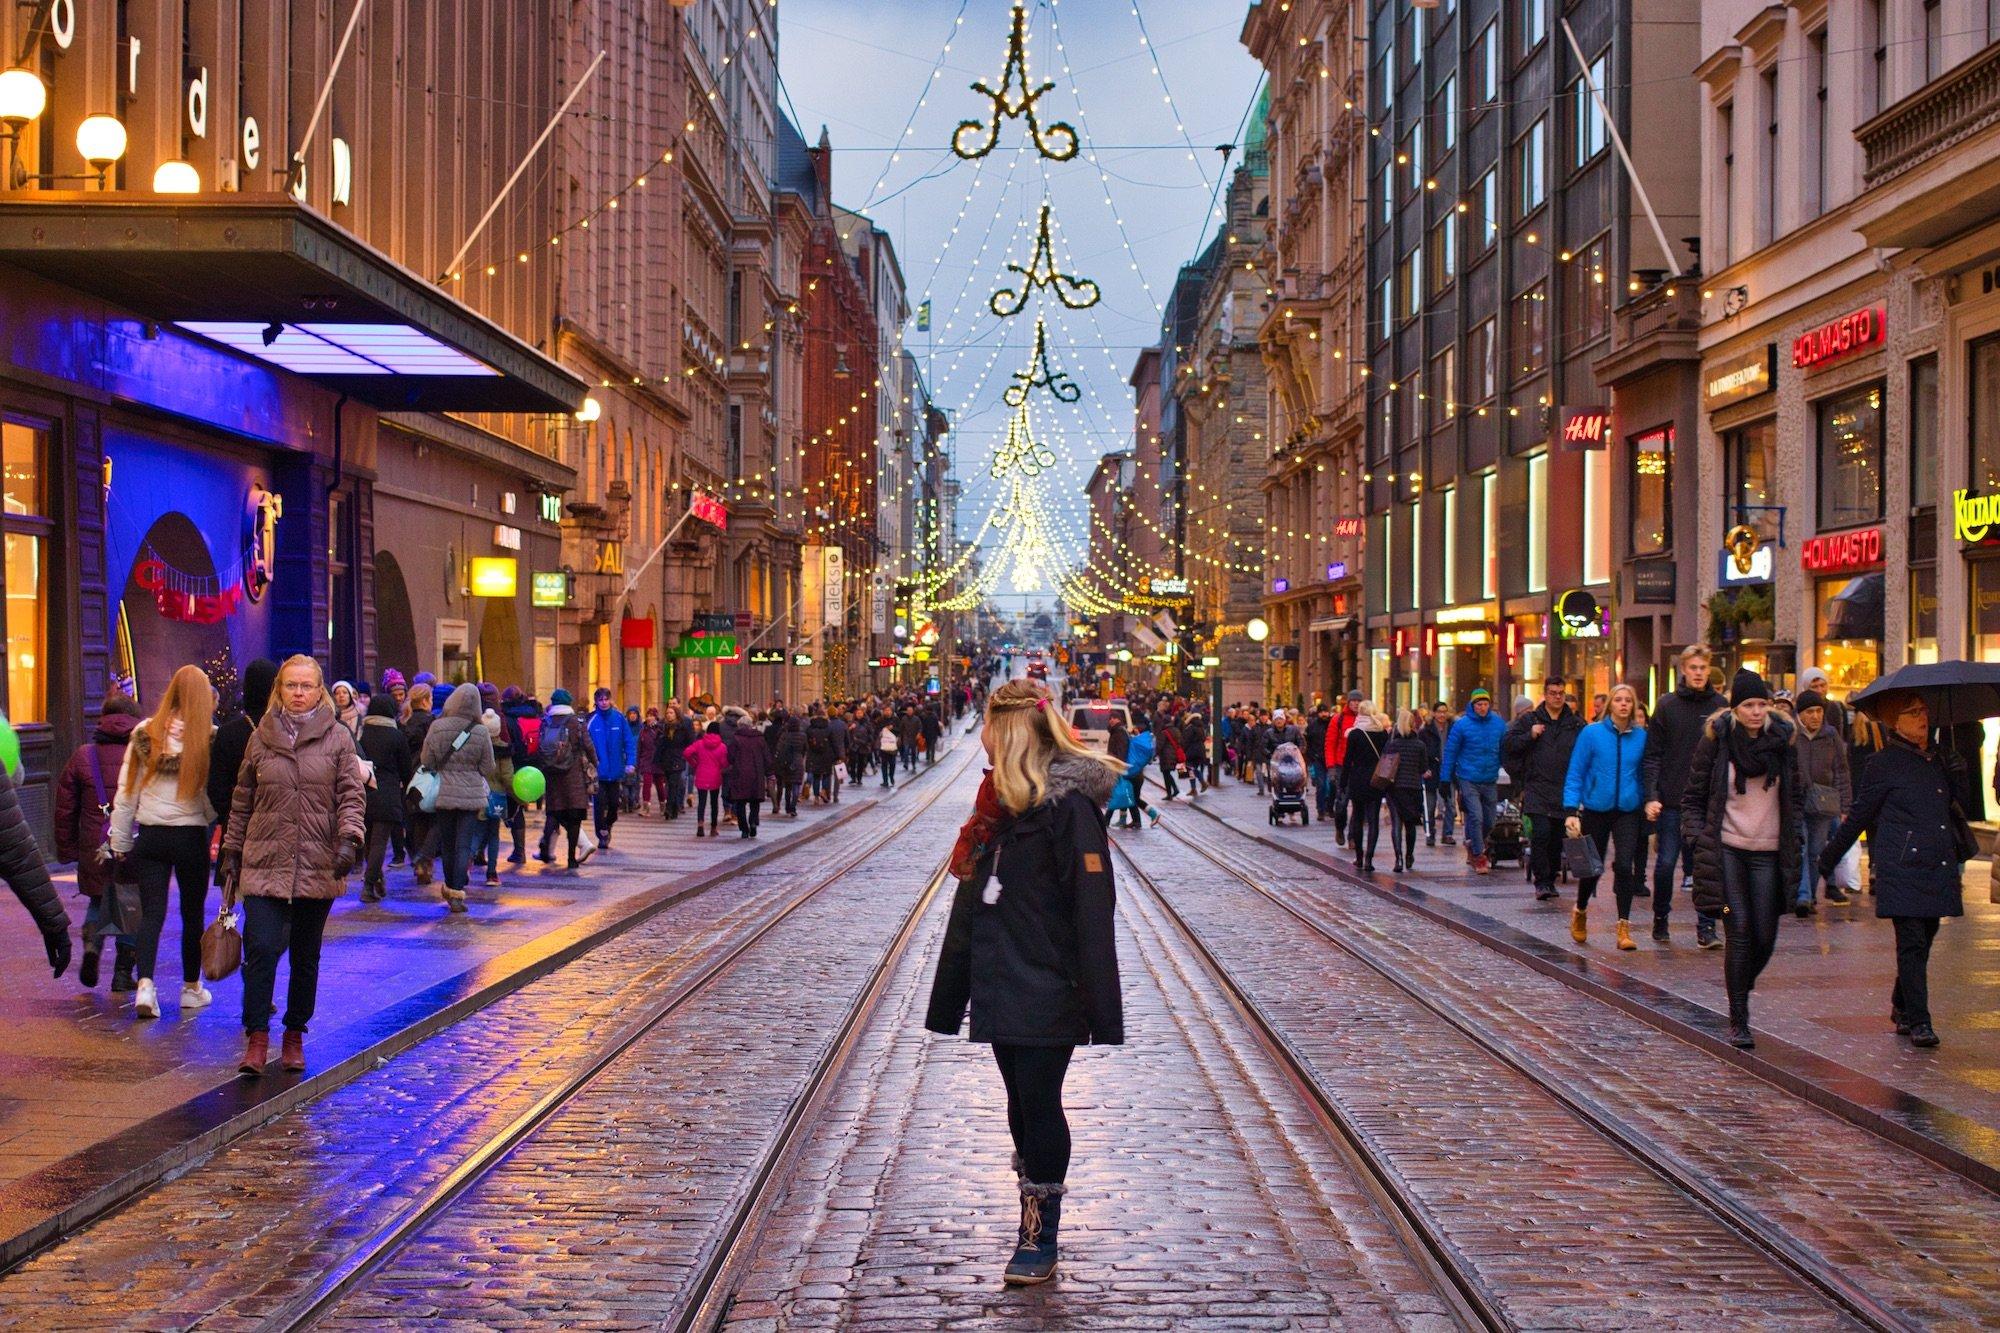 Tasha On Street of Helsinki